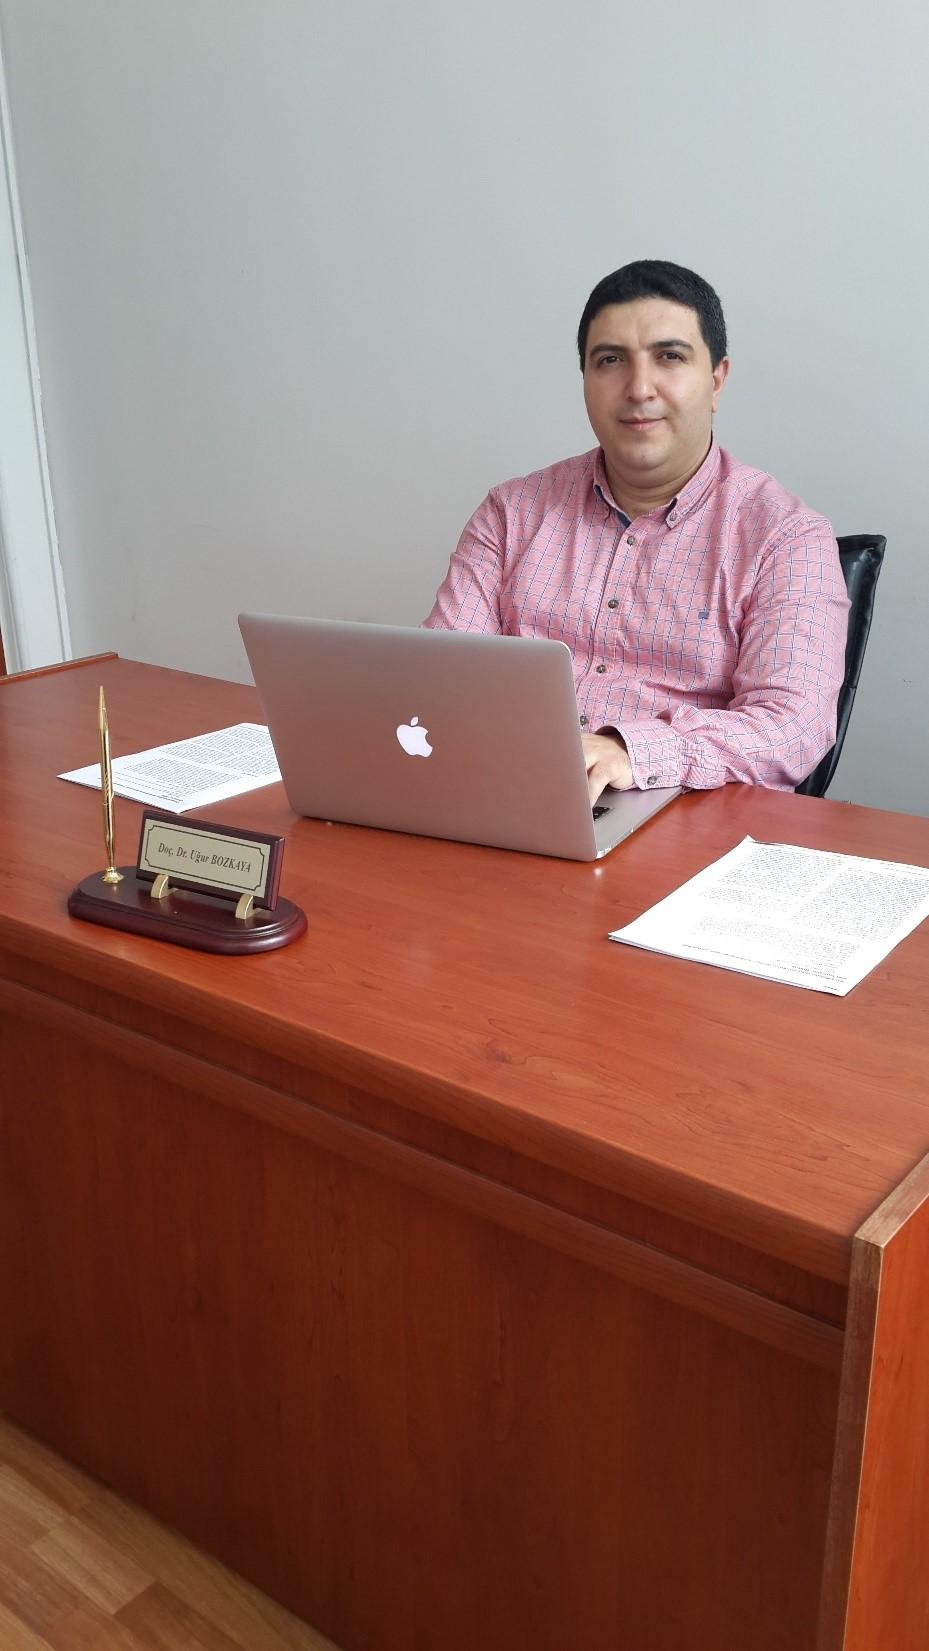 Uğur Bozkaya - Atatürk Üniversitesi - Teorik Kimya, Fizikokimya